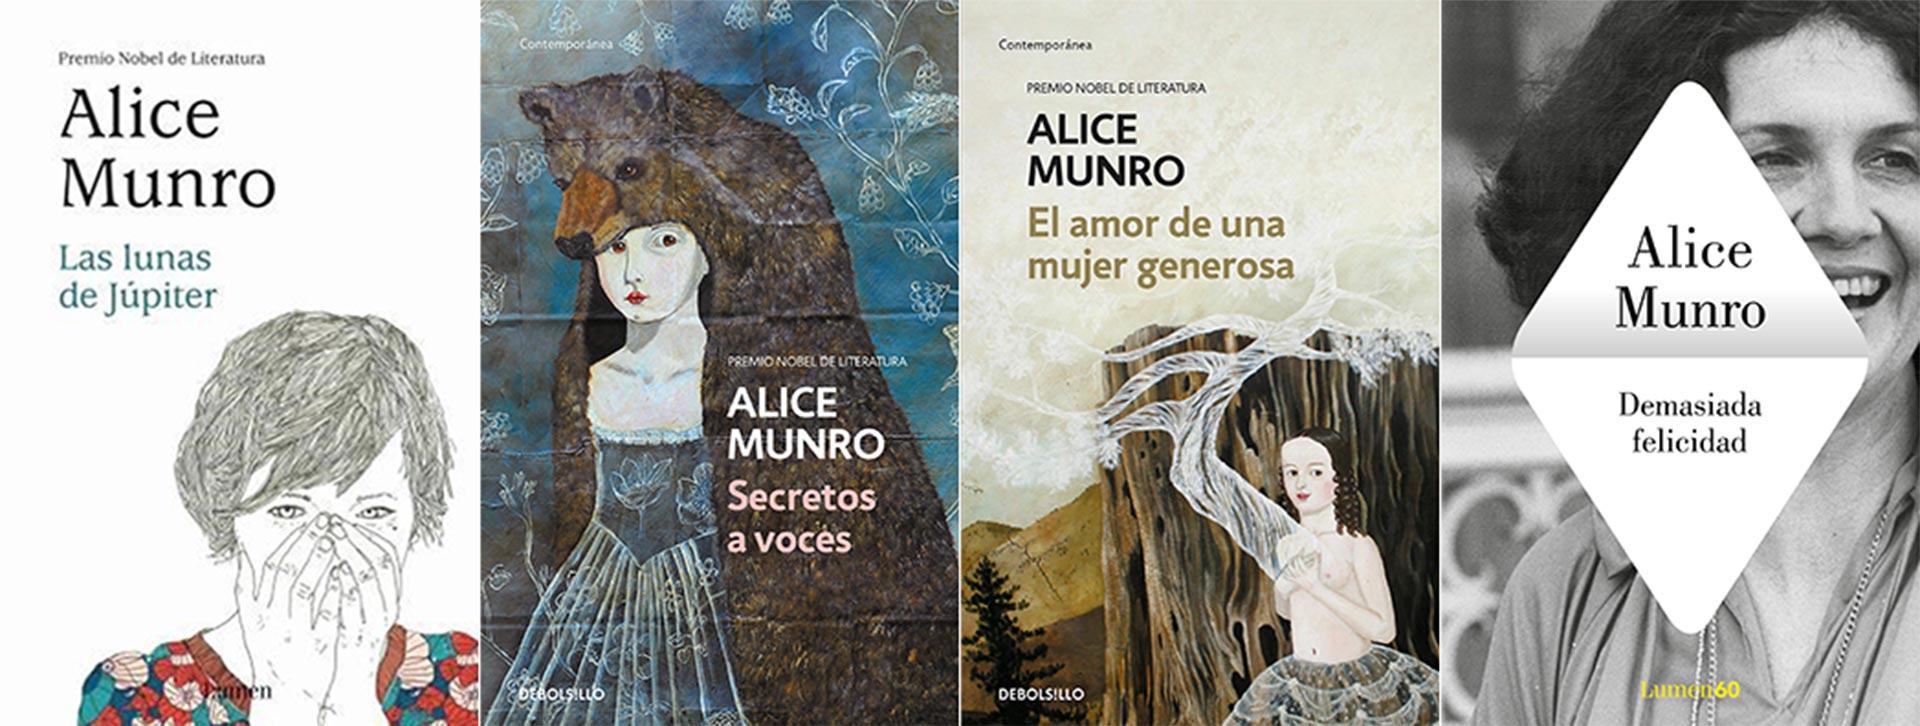 Otros títulos de Munro en español